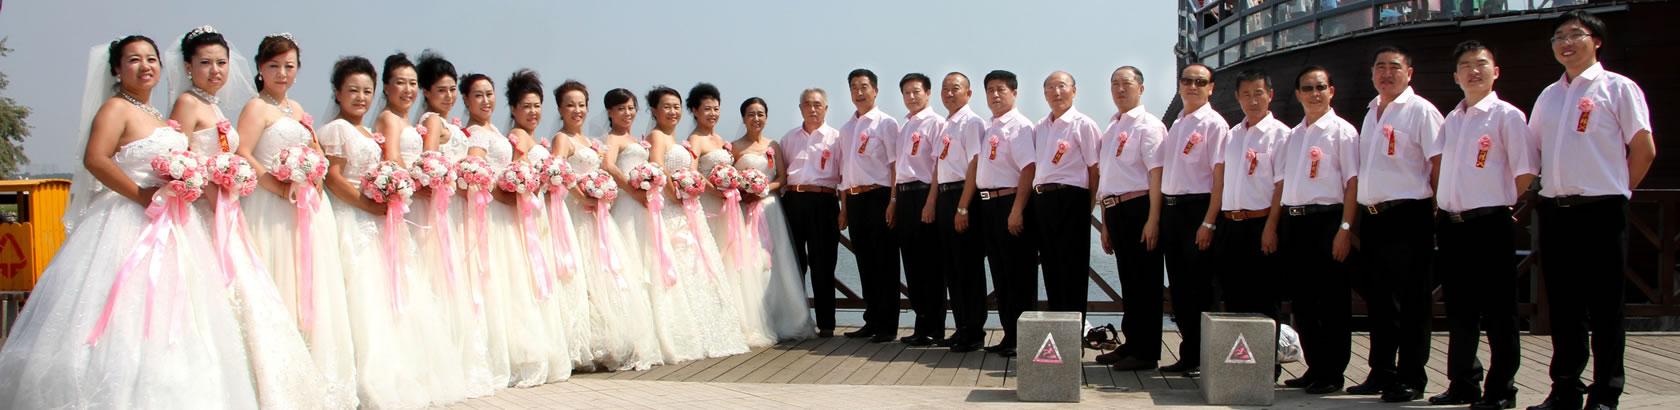 葫芦岛婚庆公司